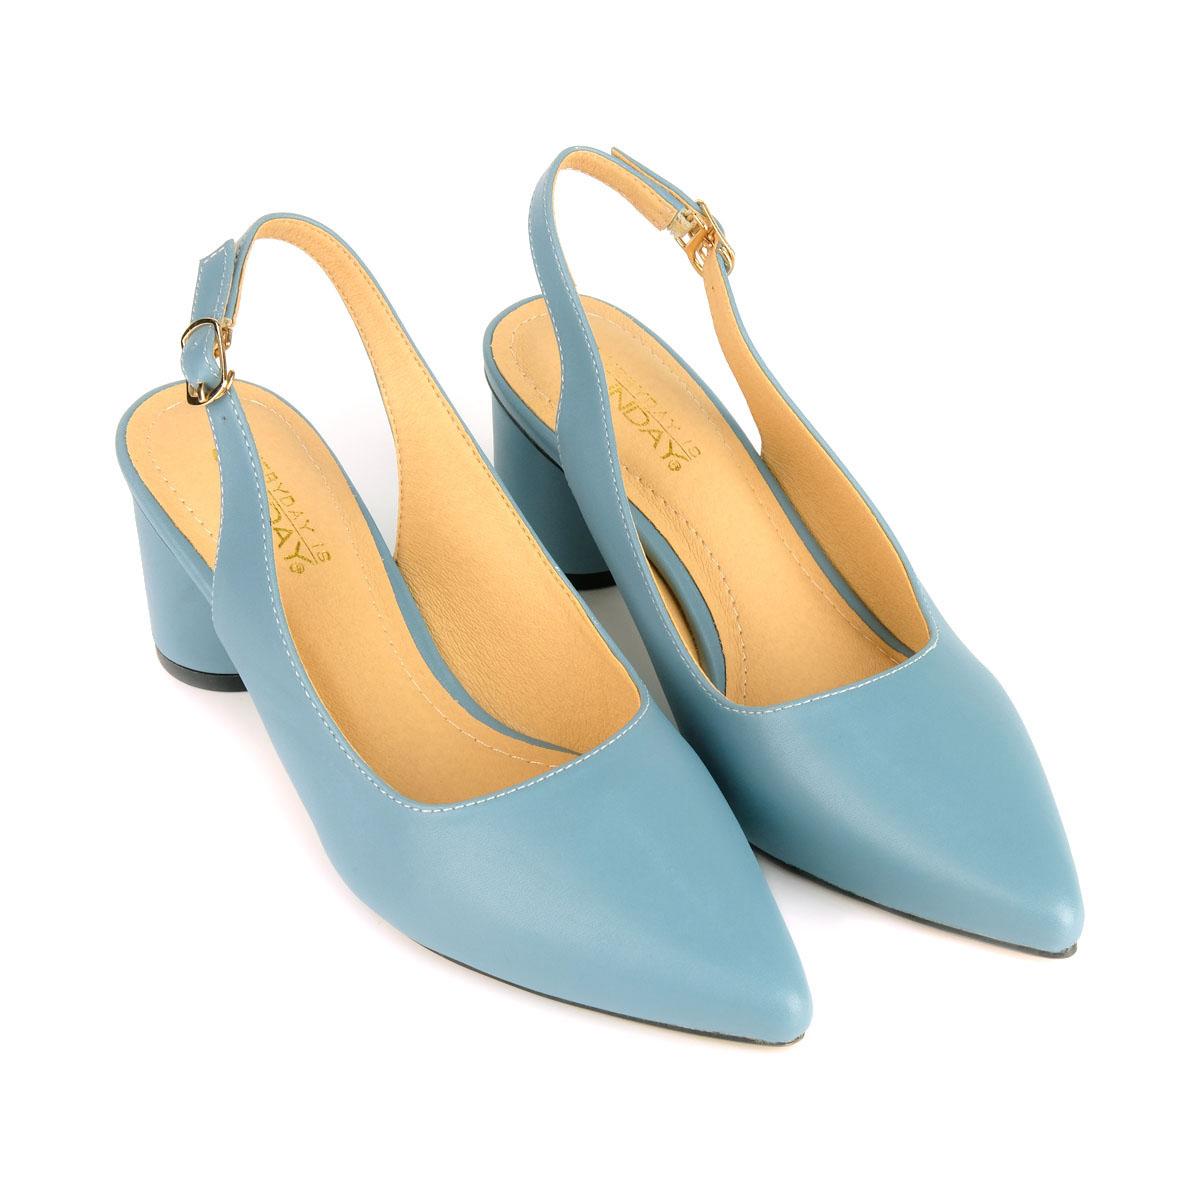 Giày cao gót đế trụ SUNDAY CG48 – Màu xanh dương